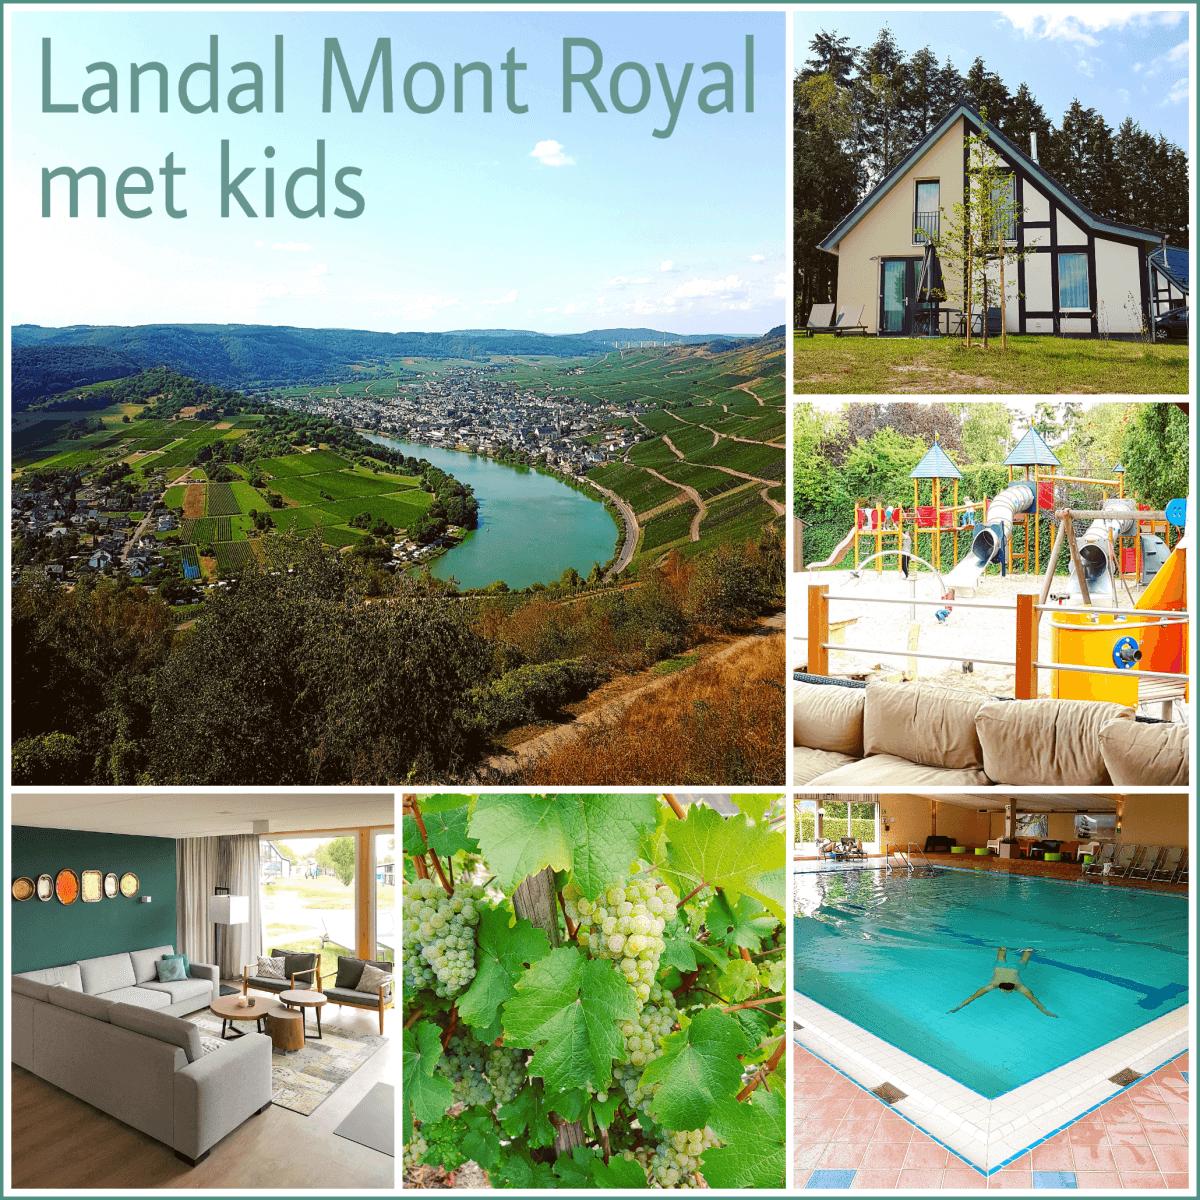 Landal Mont Royal: spelen, zwemmen en wijnproeven met een panoramisch uitzicht #leukmetkids #Landal #Duitsland #Moezel